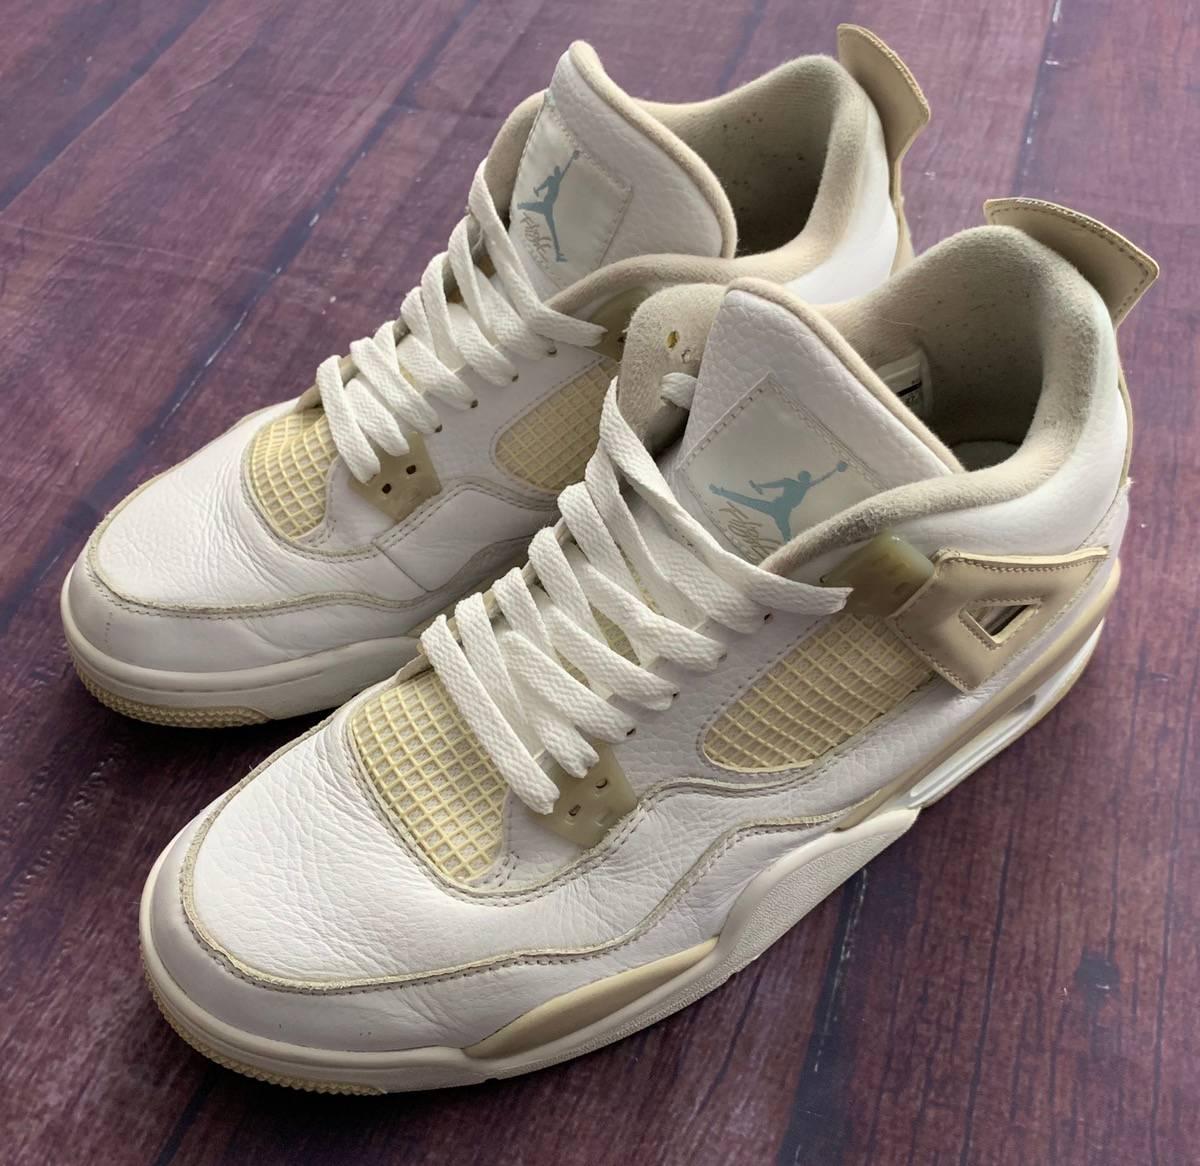 Jordan Brand Nice Jordan Retro 4 Sand Size 8 Men S White Sand Border Grailed